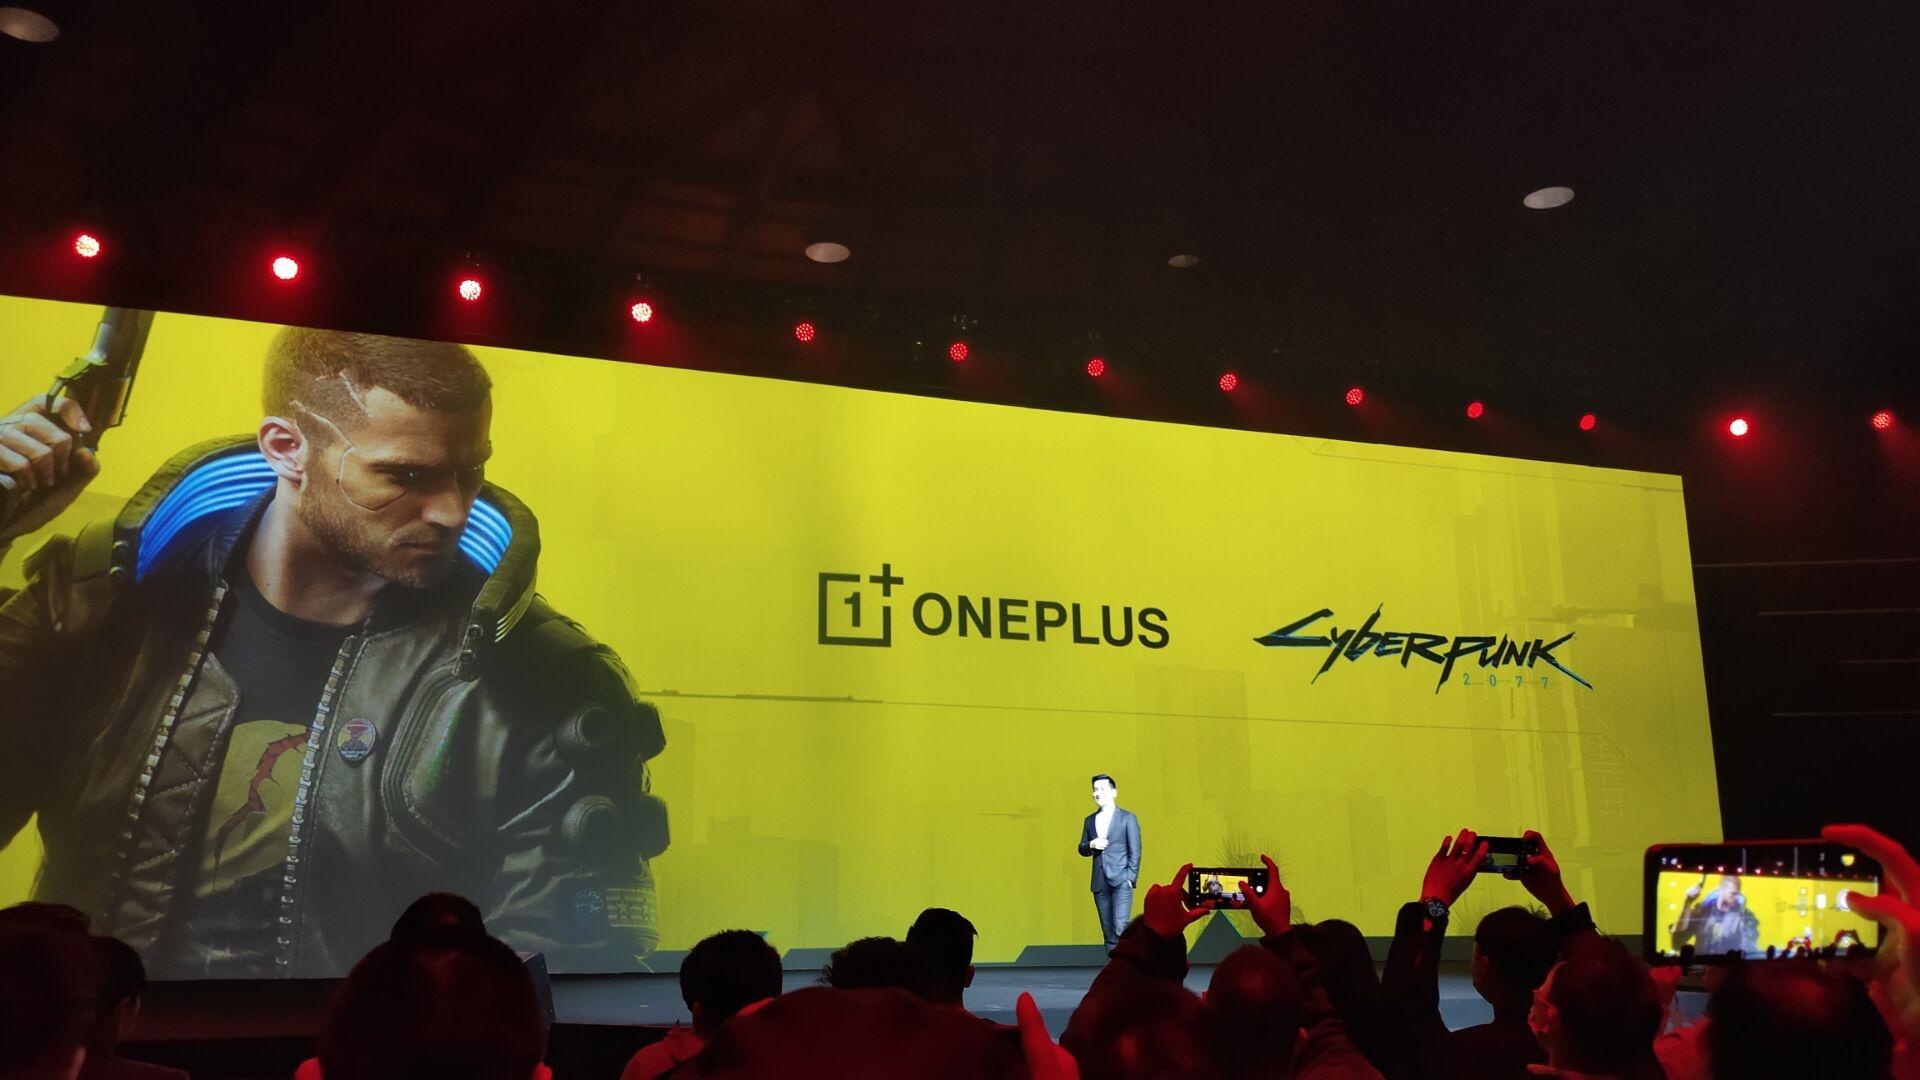 OnePlus выпустит свой флагманский смартфон в стилистике Cyberpunk 2077